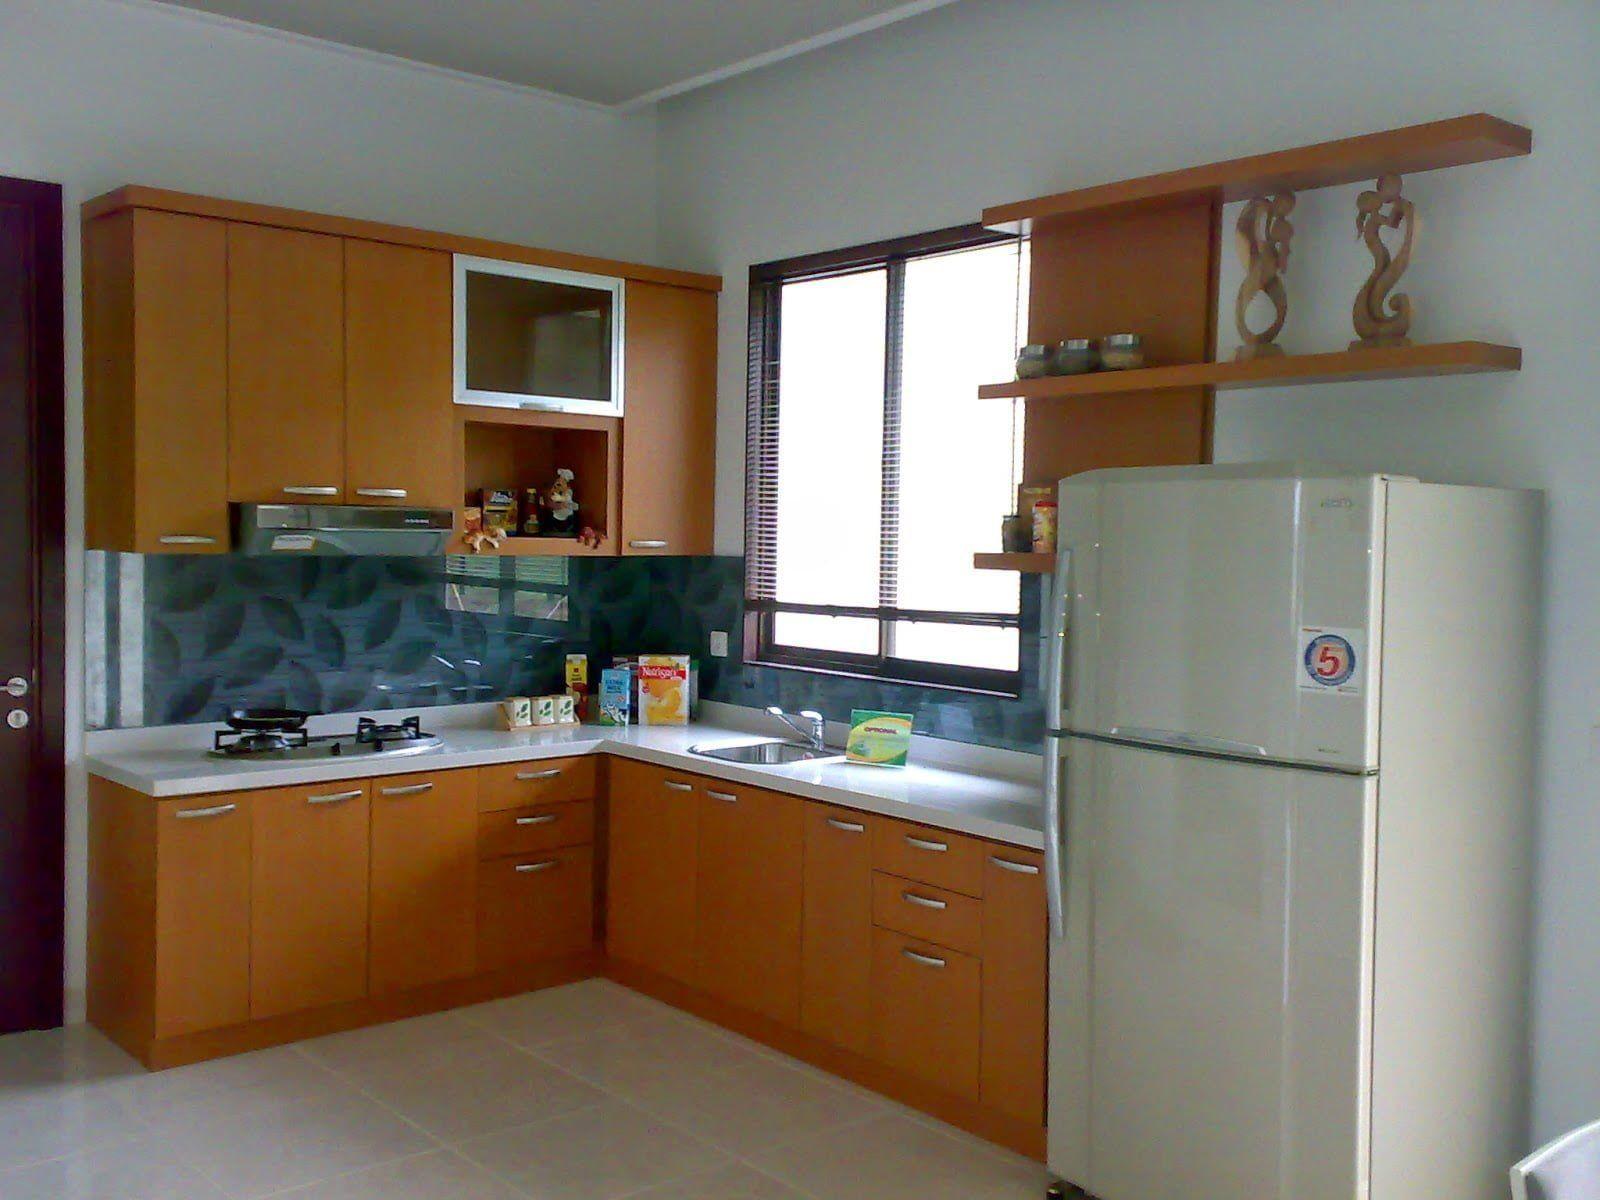 Desain Dapur Sehat Foto Interior Dapur Dapur Rumah Desain Rumah Dapur sehat minimalis